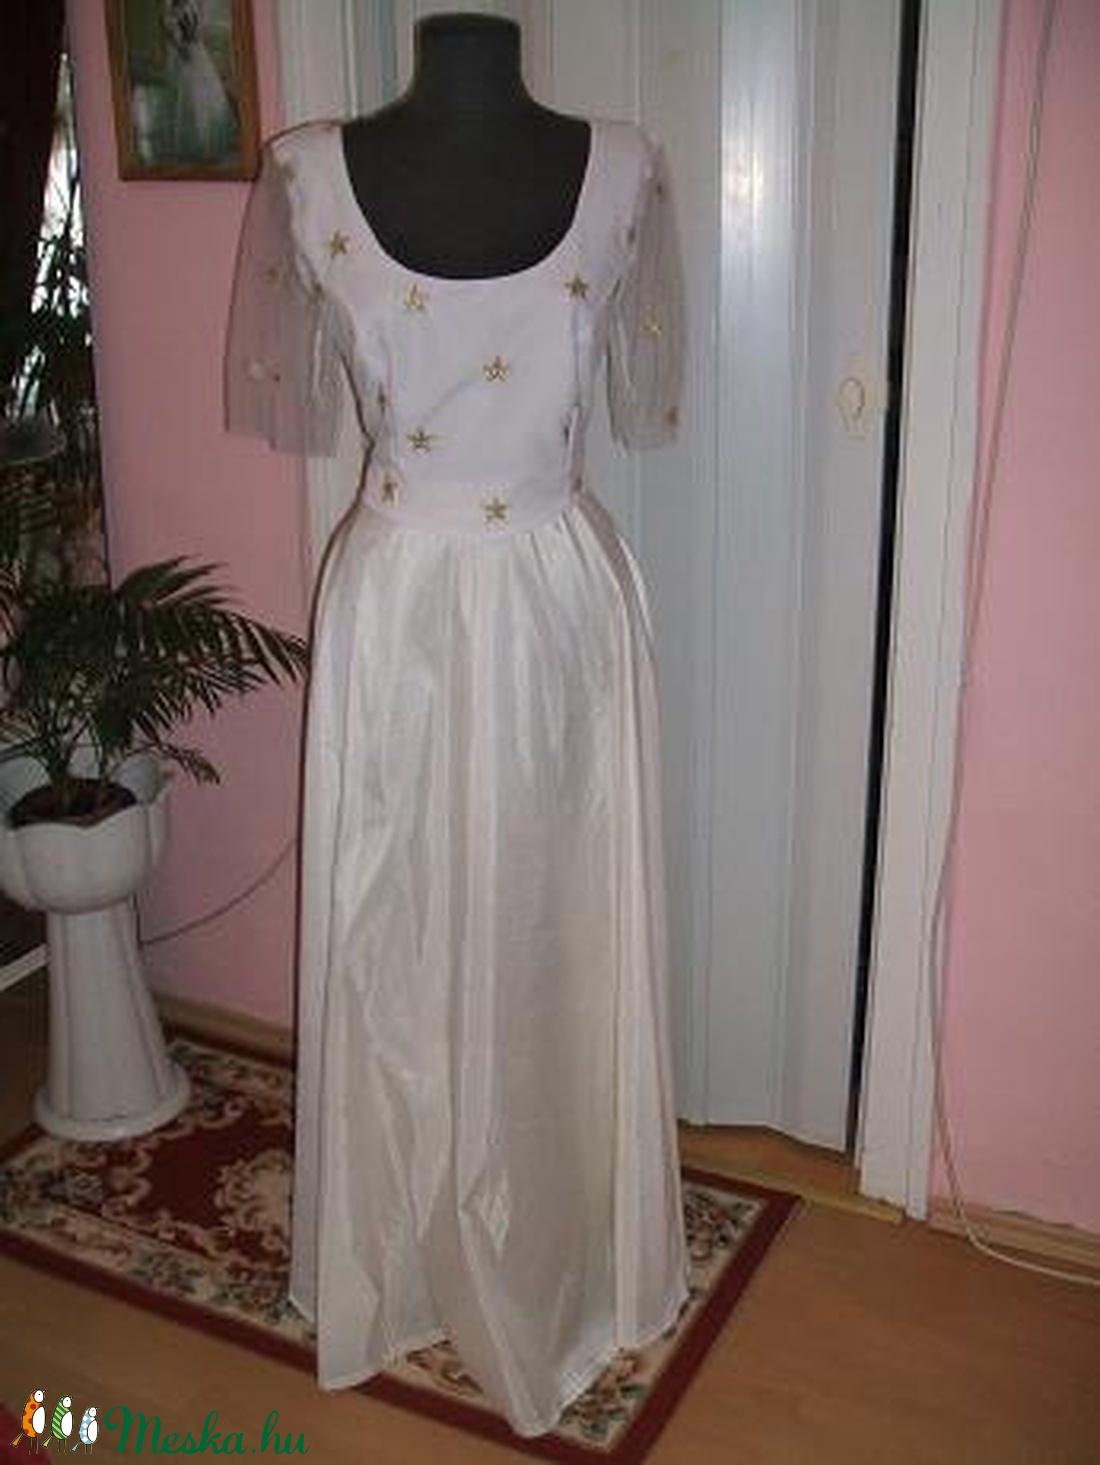 Menyasszonyi, alkalmi ruha, táncruha, elegáns. - Meska.hu